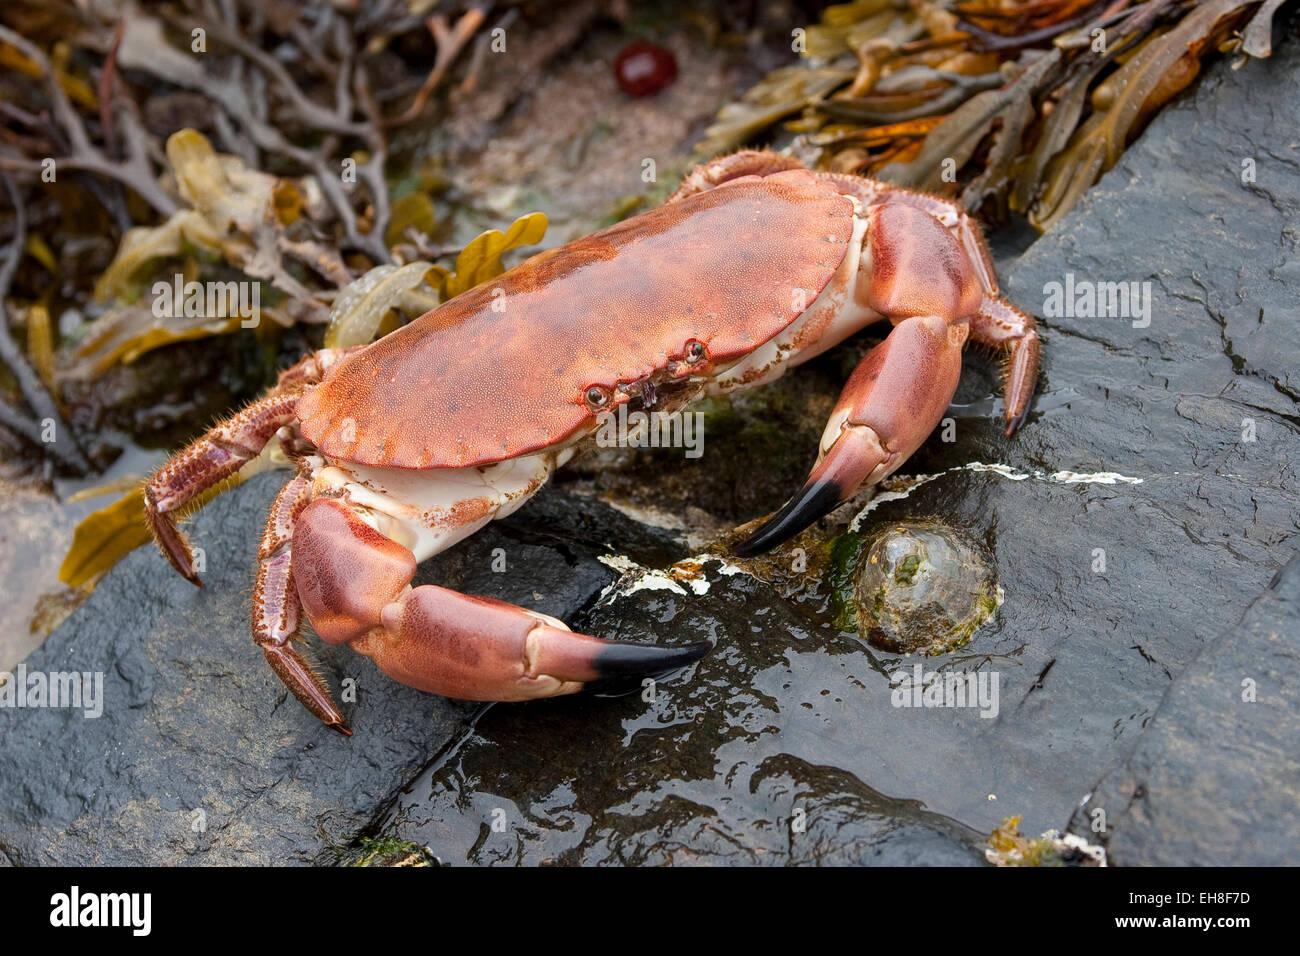 European edible crab, brown crab, Taschenkrebs, Taschen-Krebs, Cancer Stock Photo: 79478209